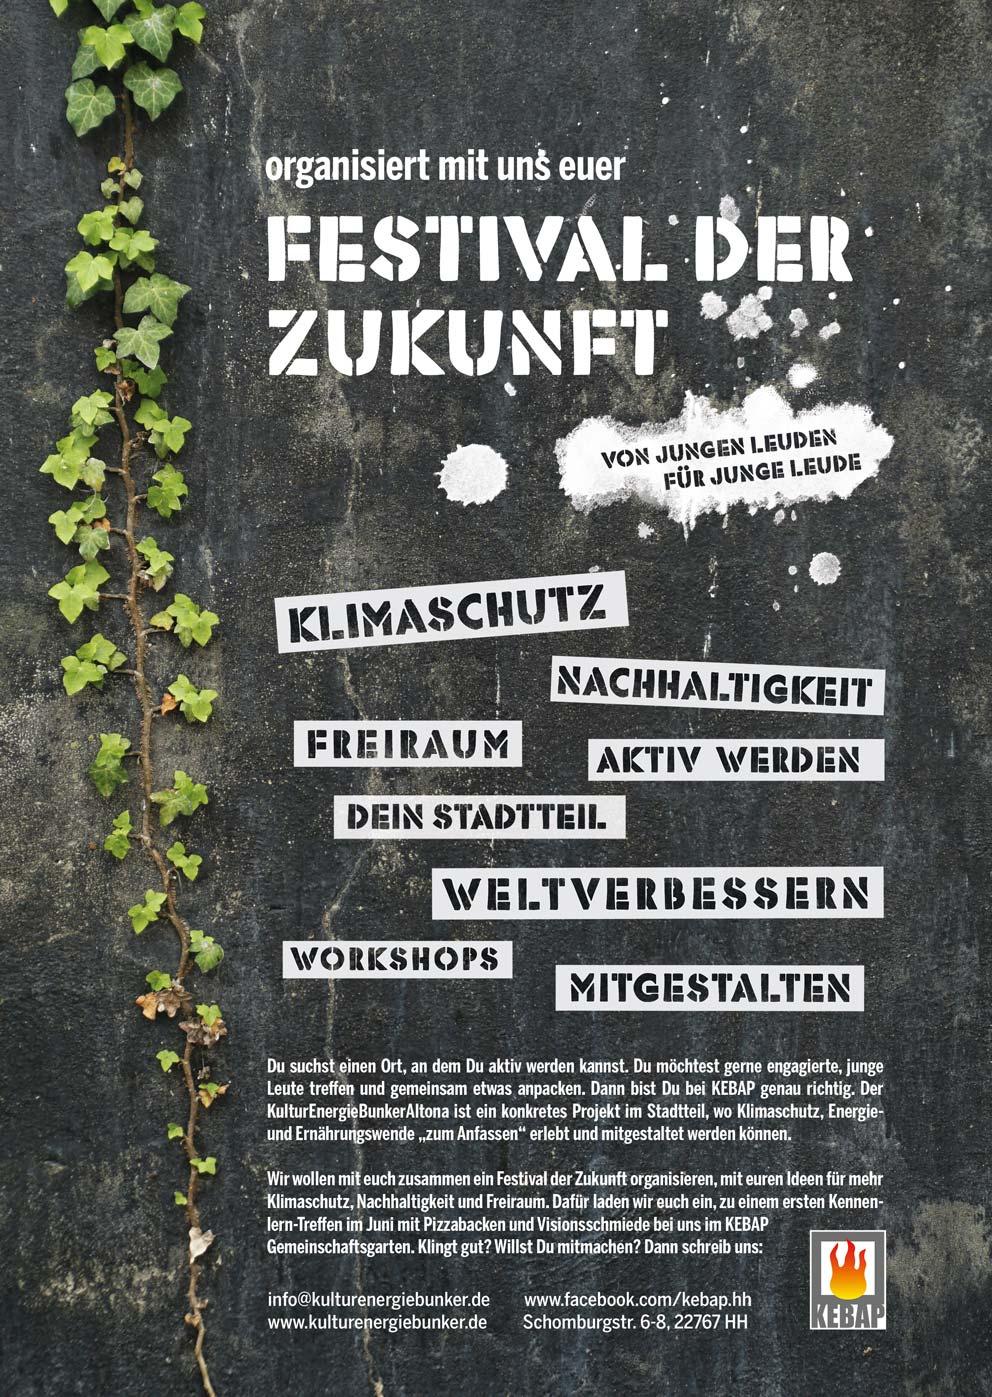 Festival der Zukunft: Das KEBAP sucht junge engagierte Leute für ein Nachhaltigkeitsfestival